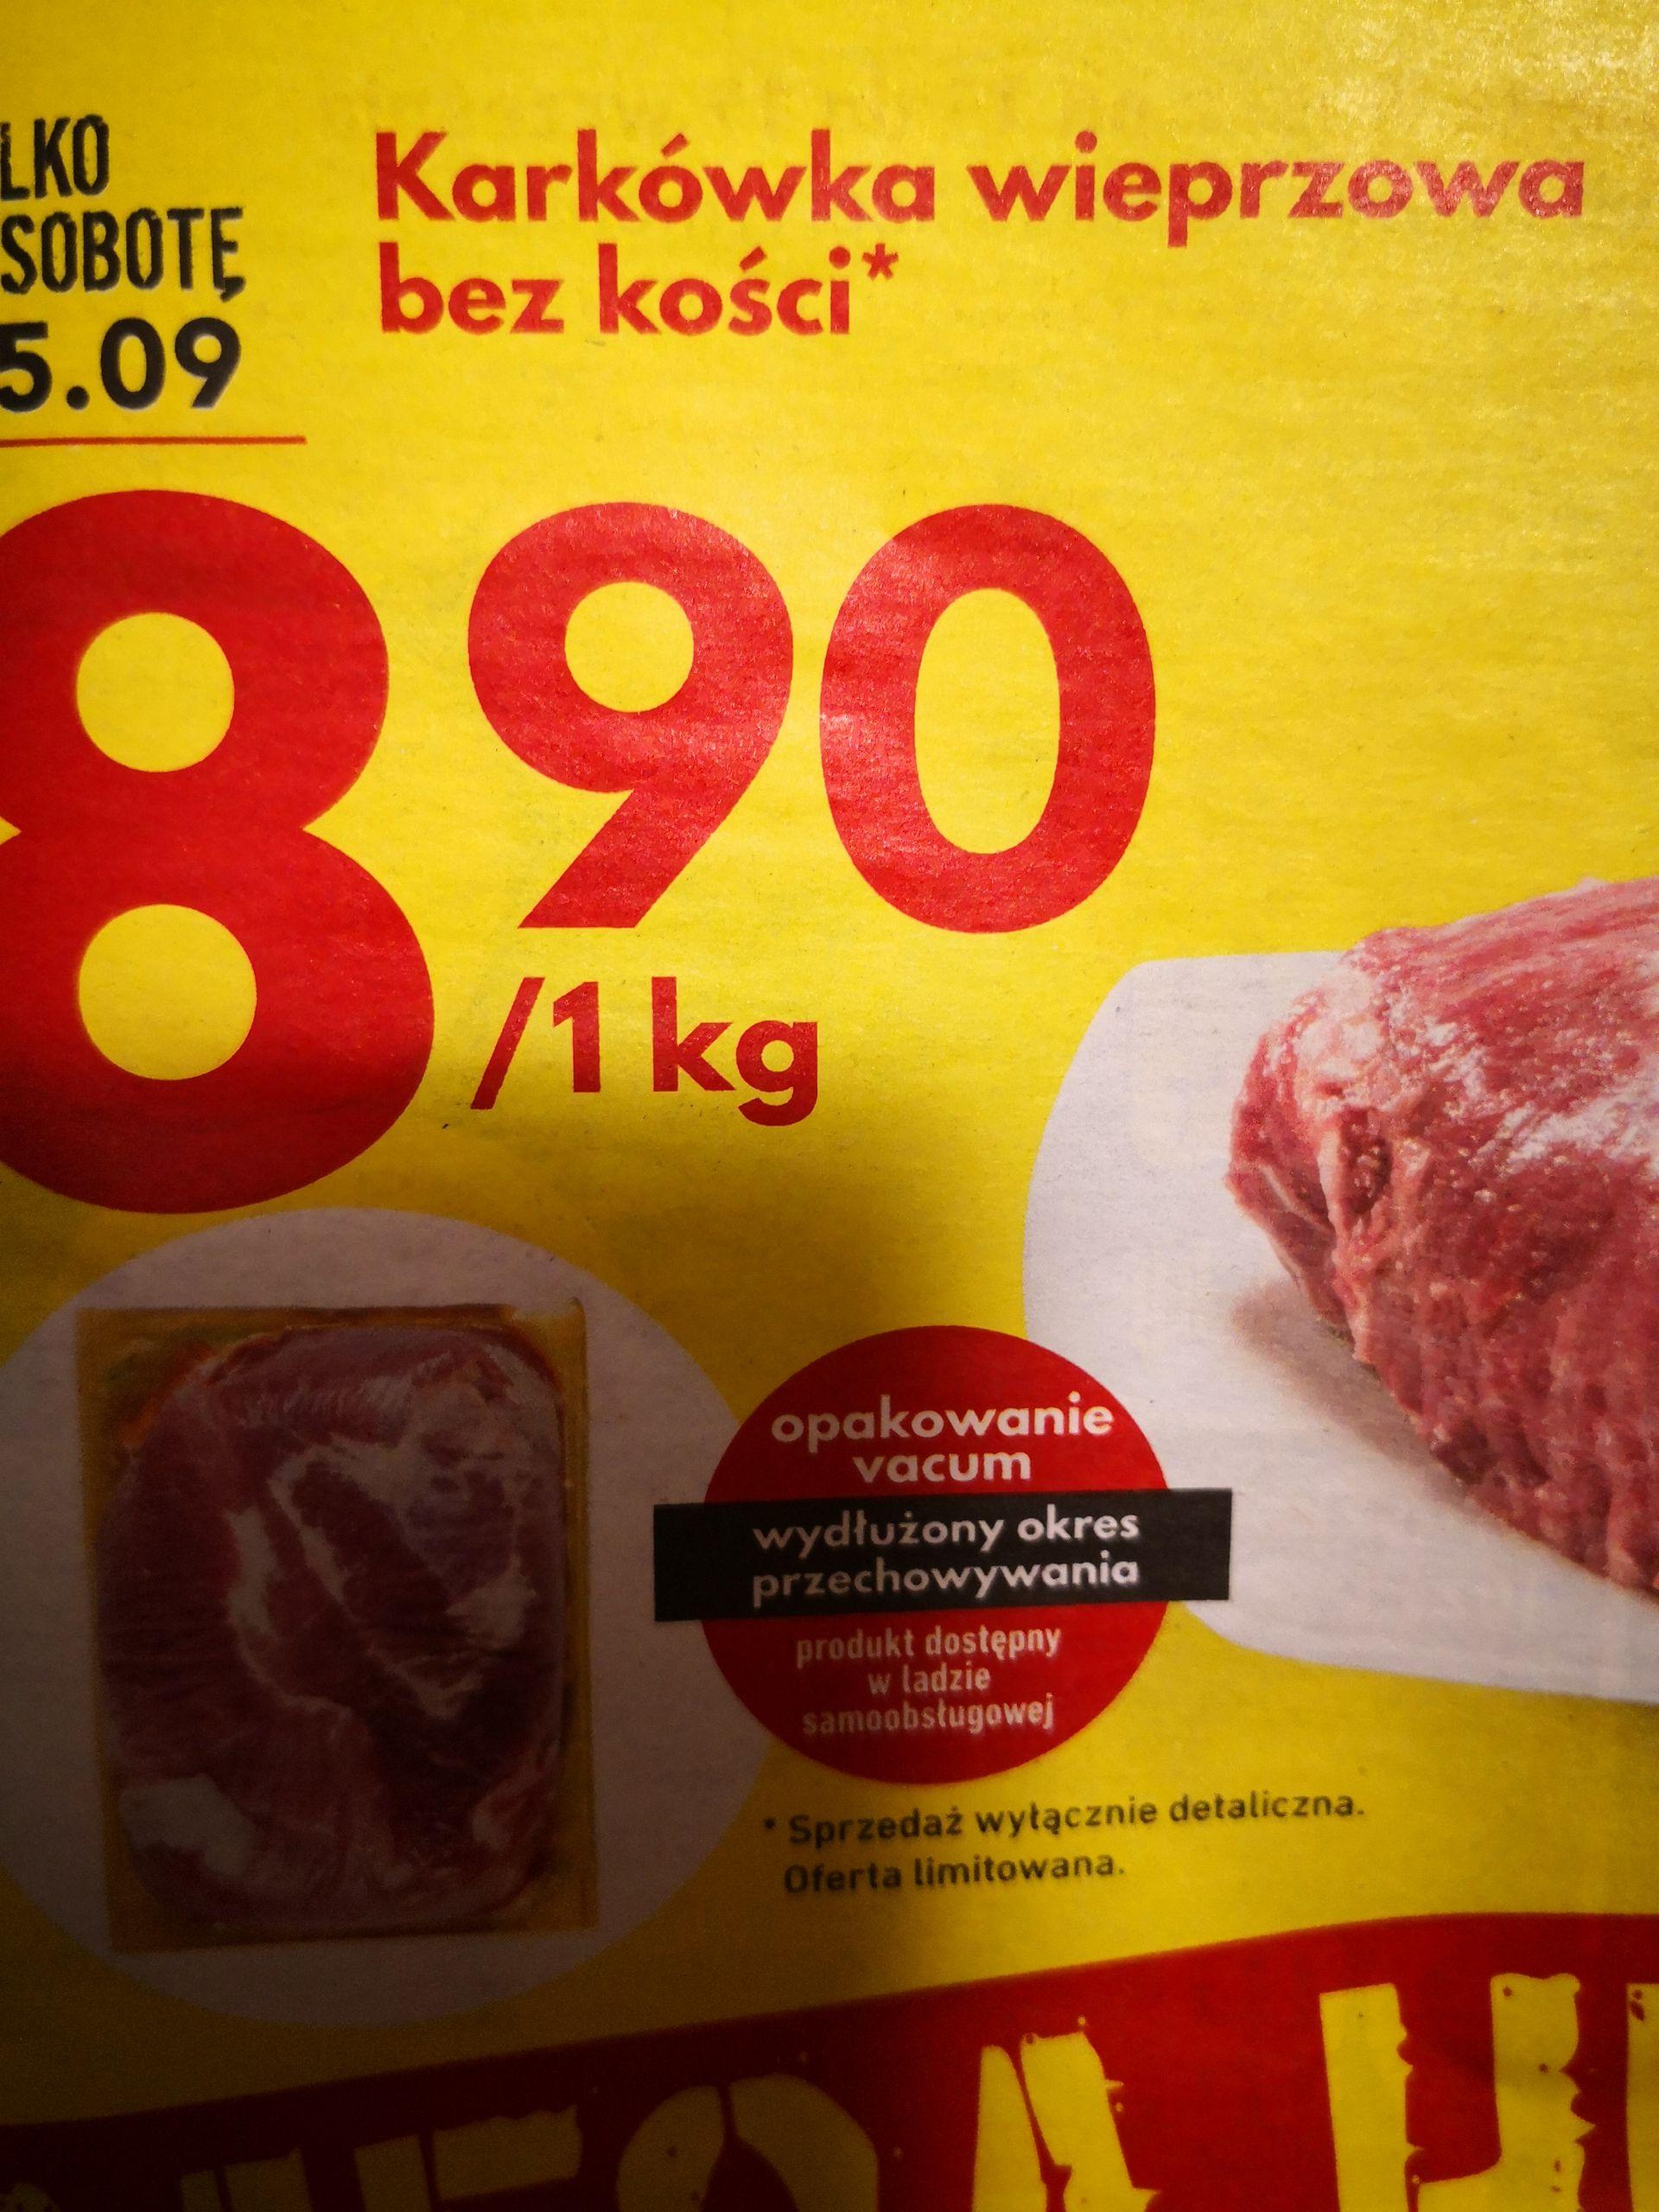 Intermarche - karkówka wieprzowa bez kości za 8,90/kg